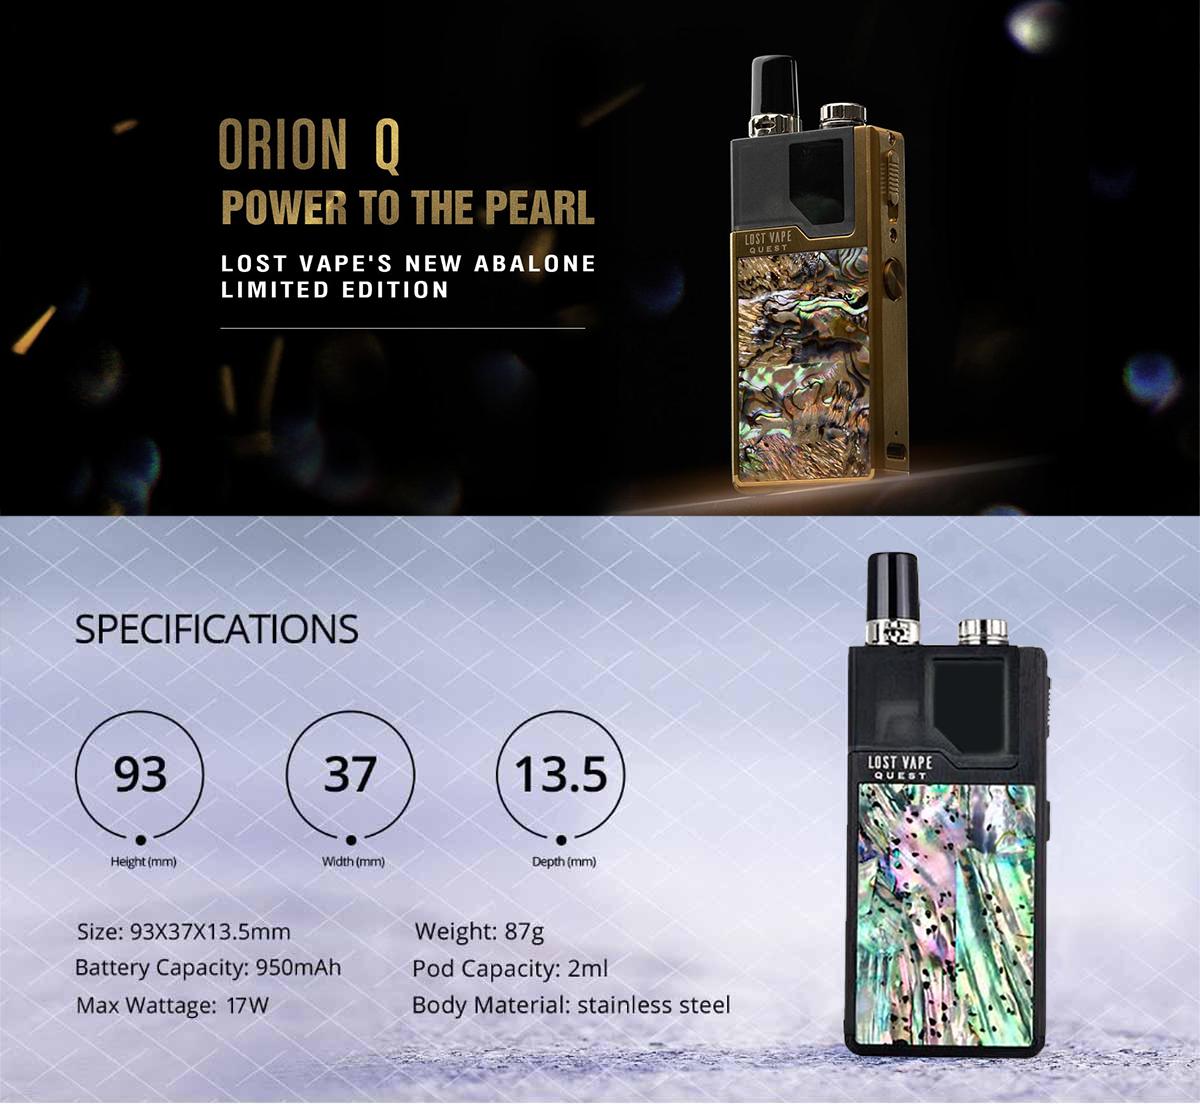 Comprar Lost Vape Orion Q 17W Kit, características